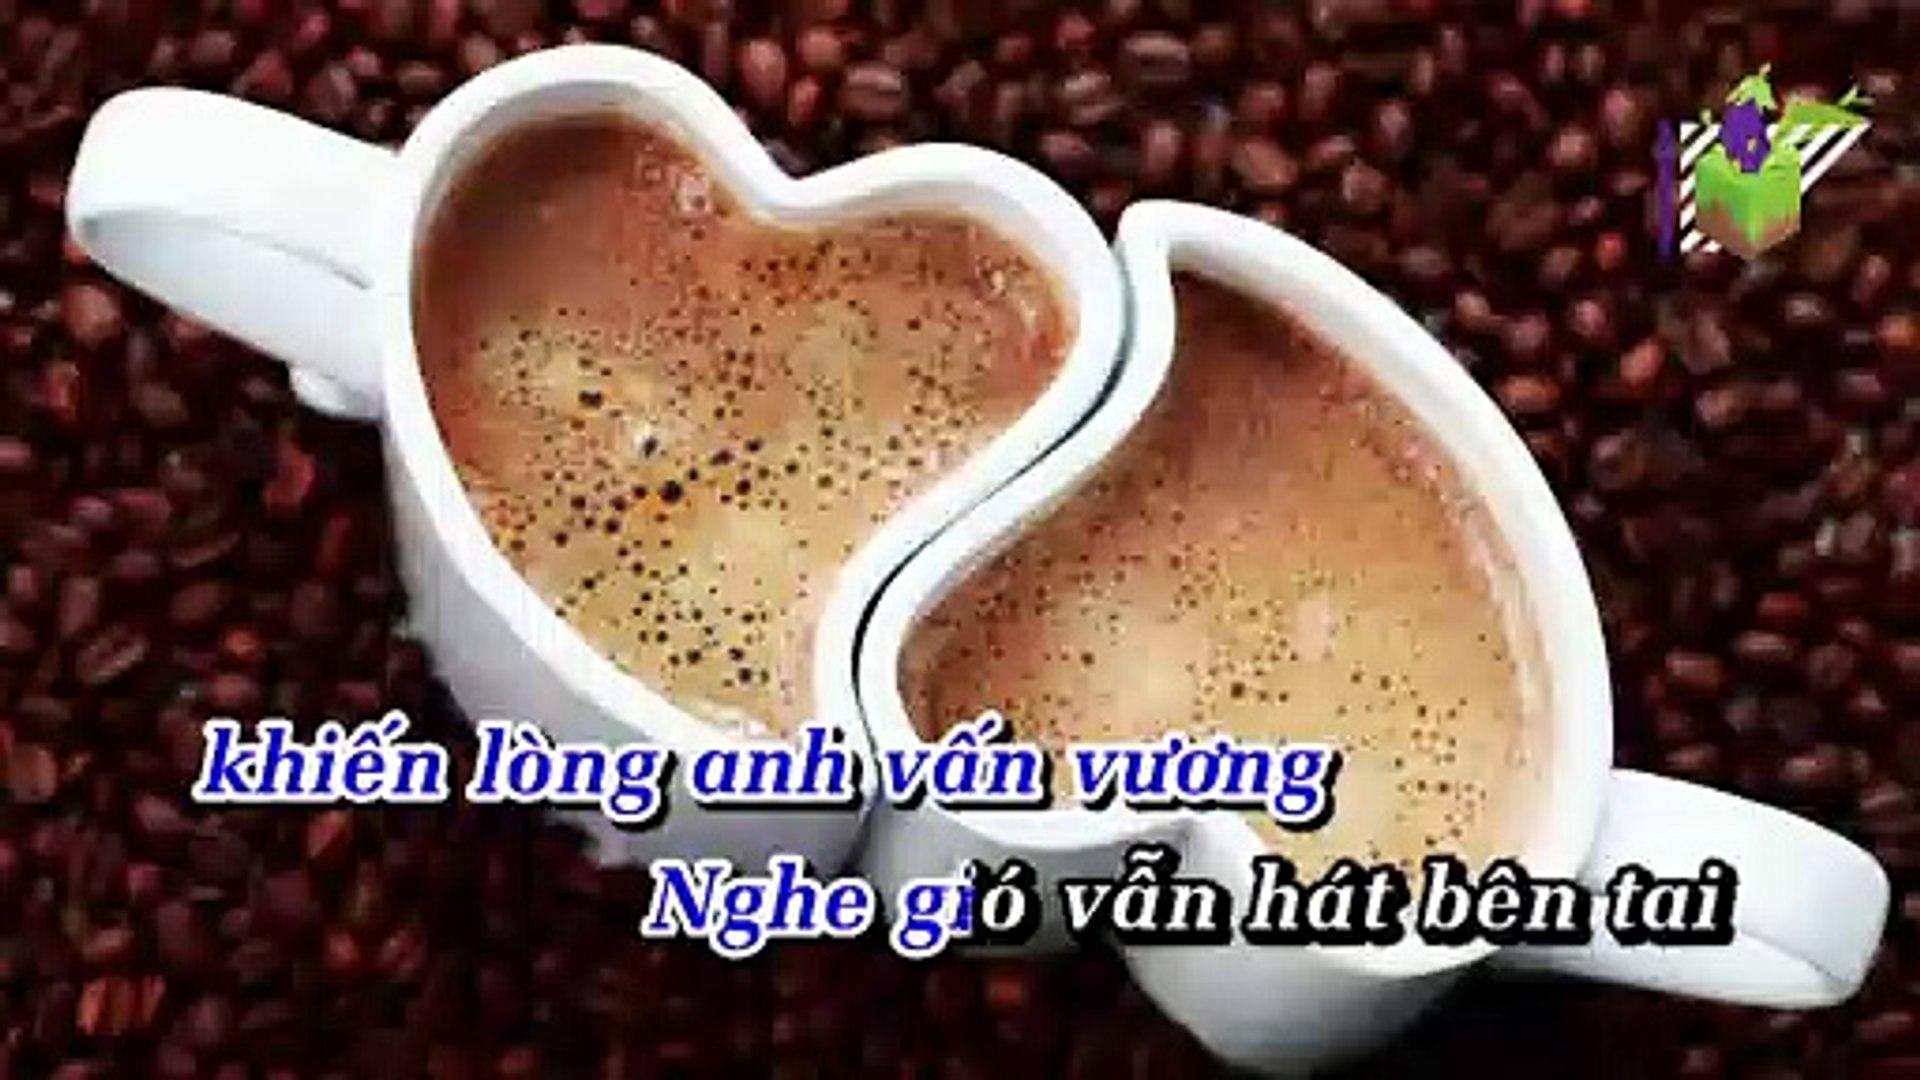 [Karaoke] Sài Gòn Cà Phê Tình Yêu - Hamlet Trương [Beat]